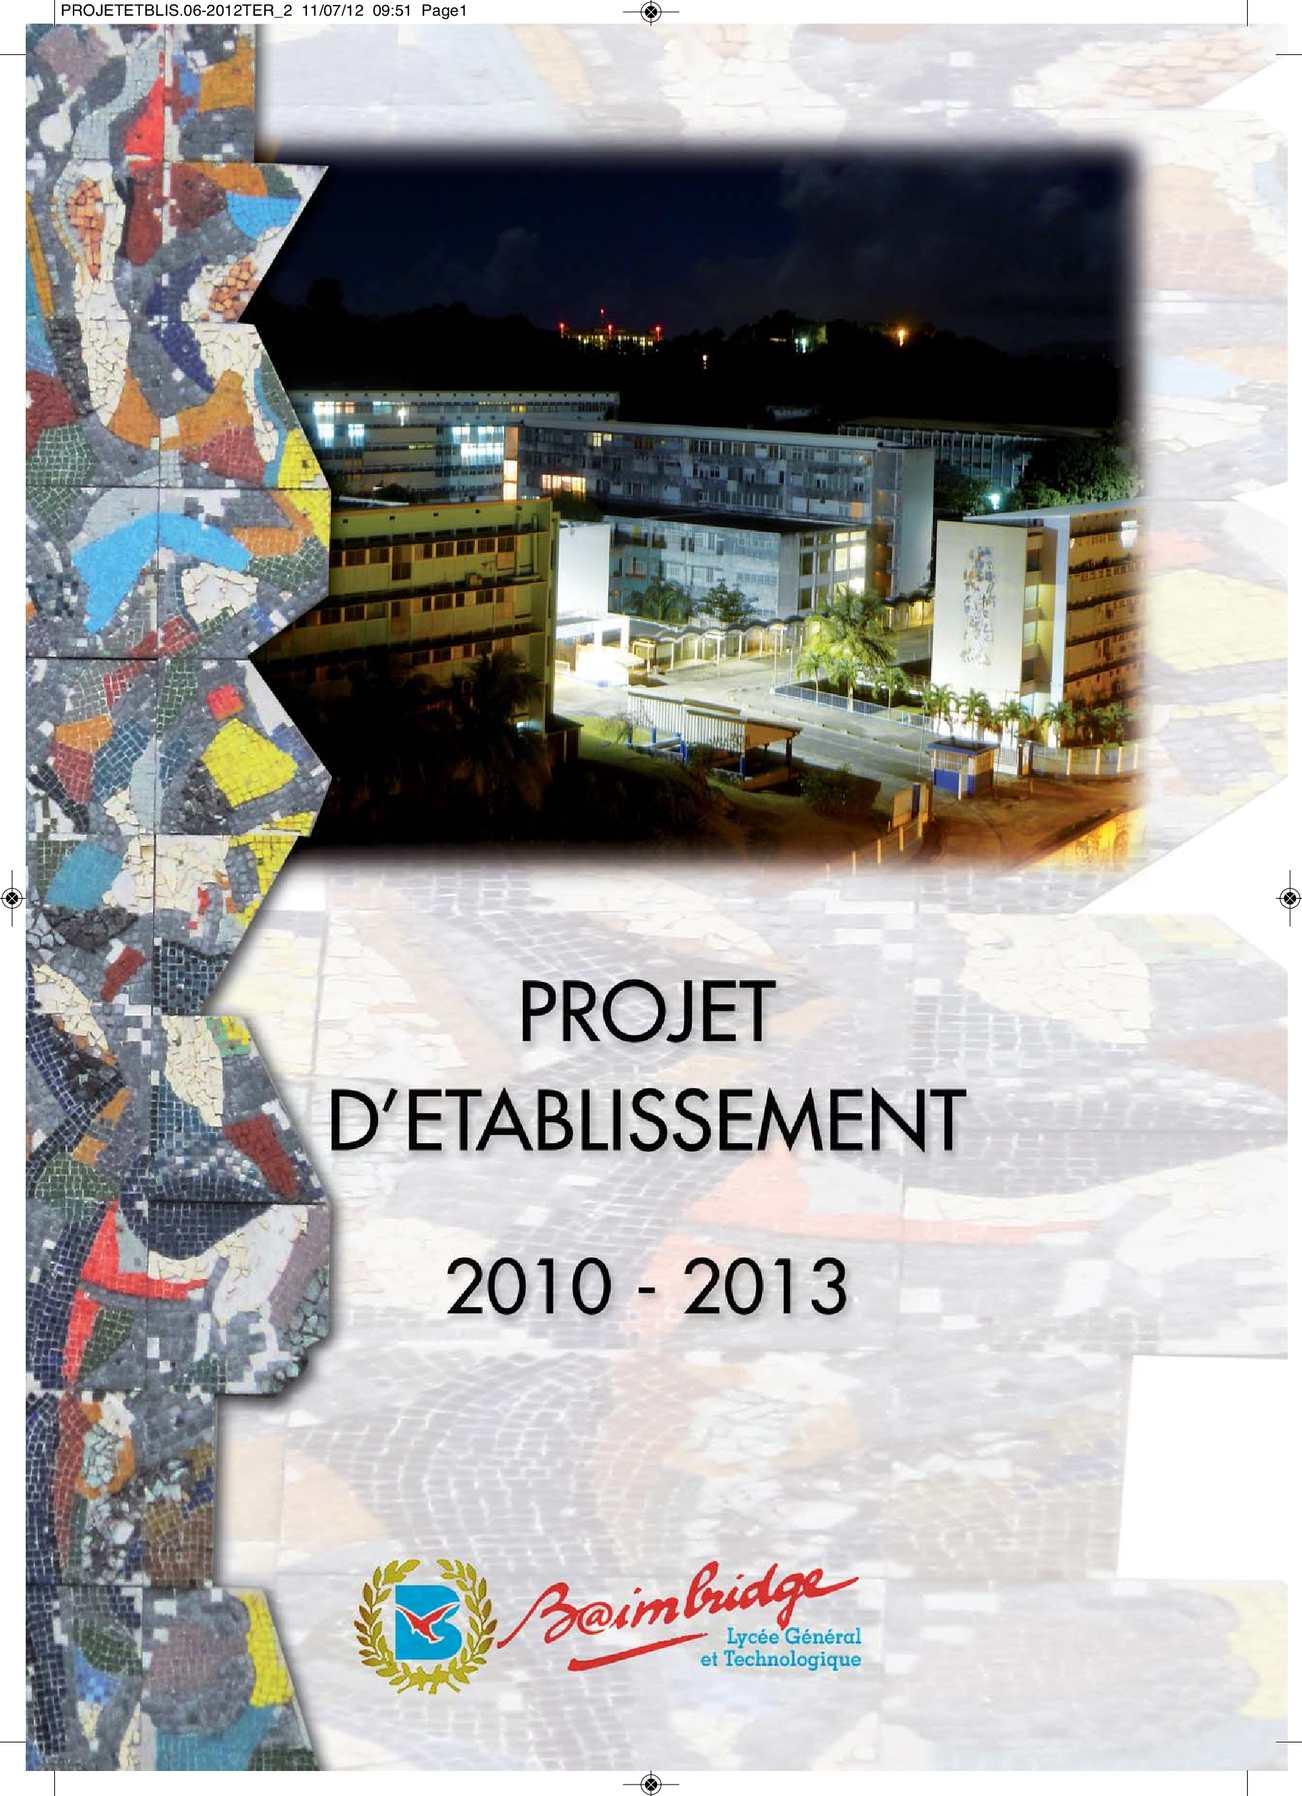 Projet d'établissement LGT Baimbridge 2010-2014